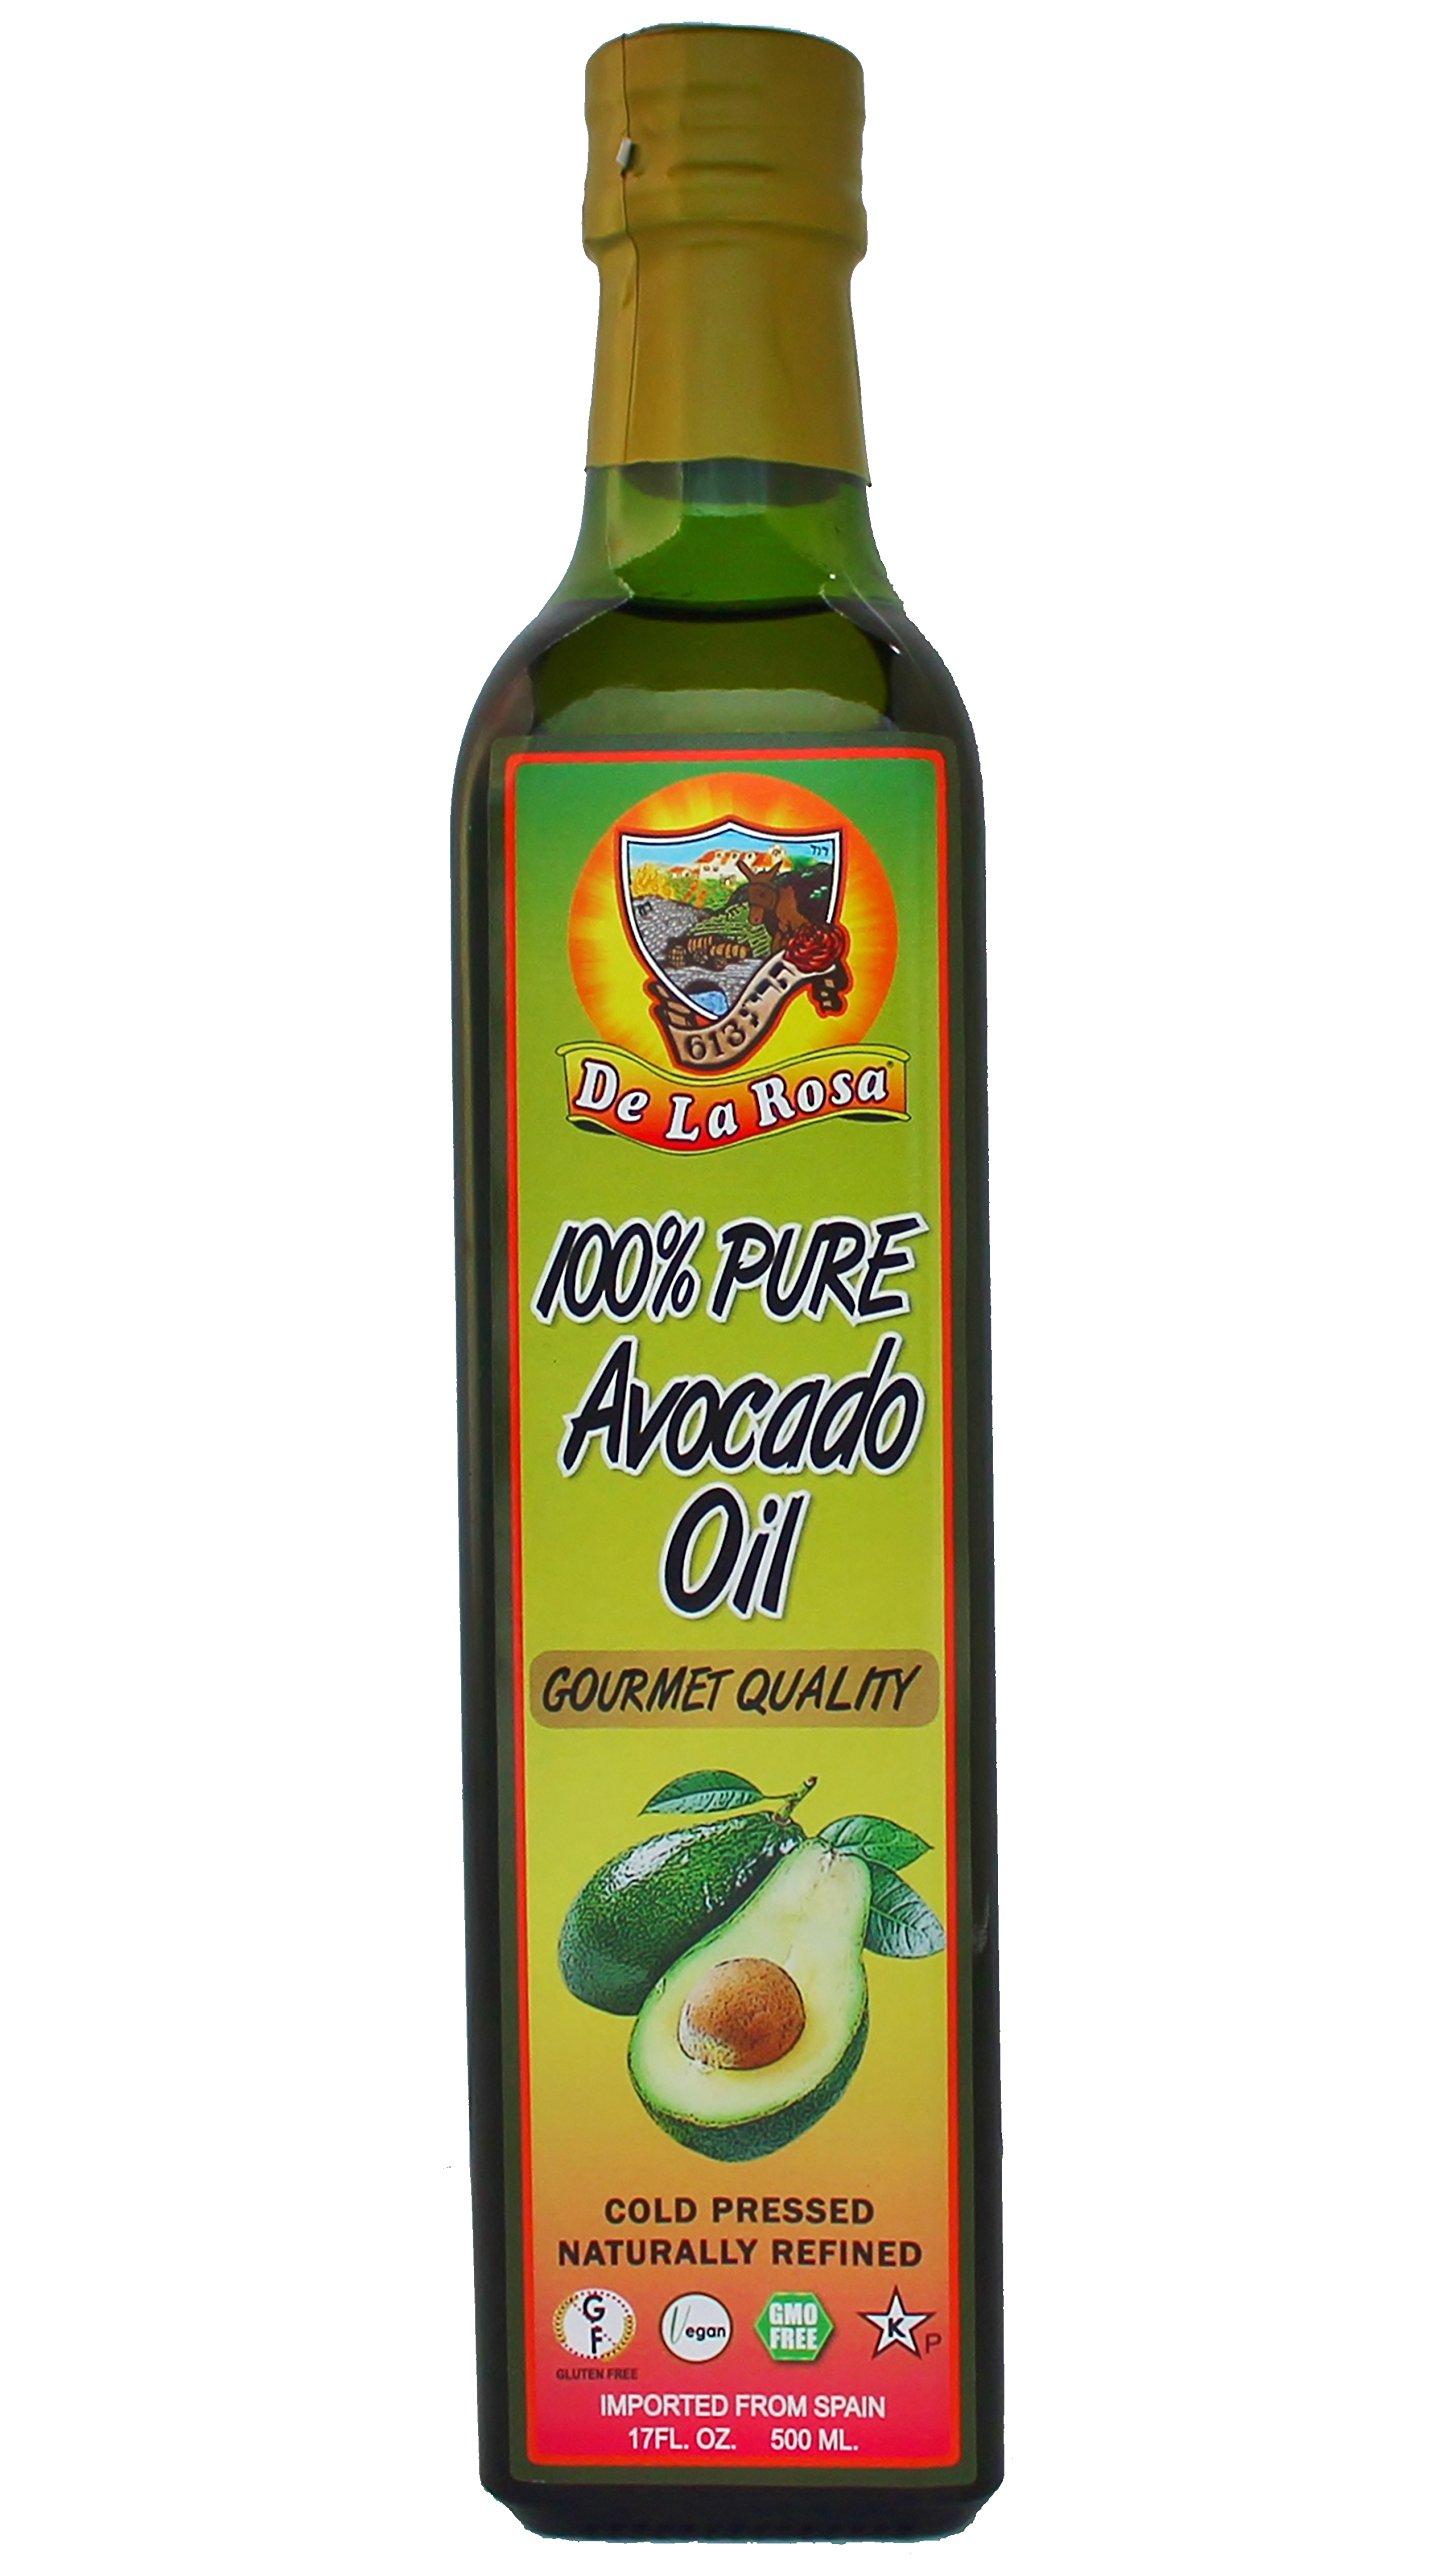 De La Rosa Real Foods & Vineyards - Pure Avocado Oil - 500ml